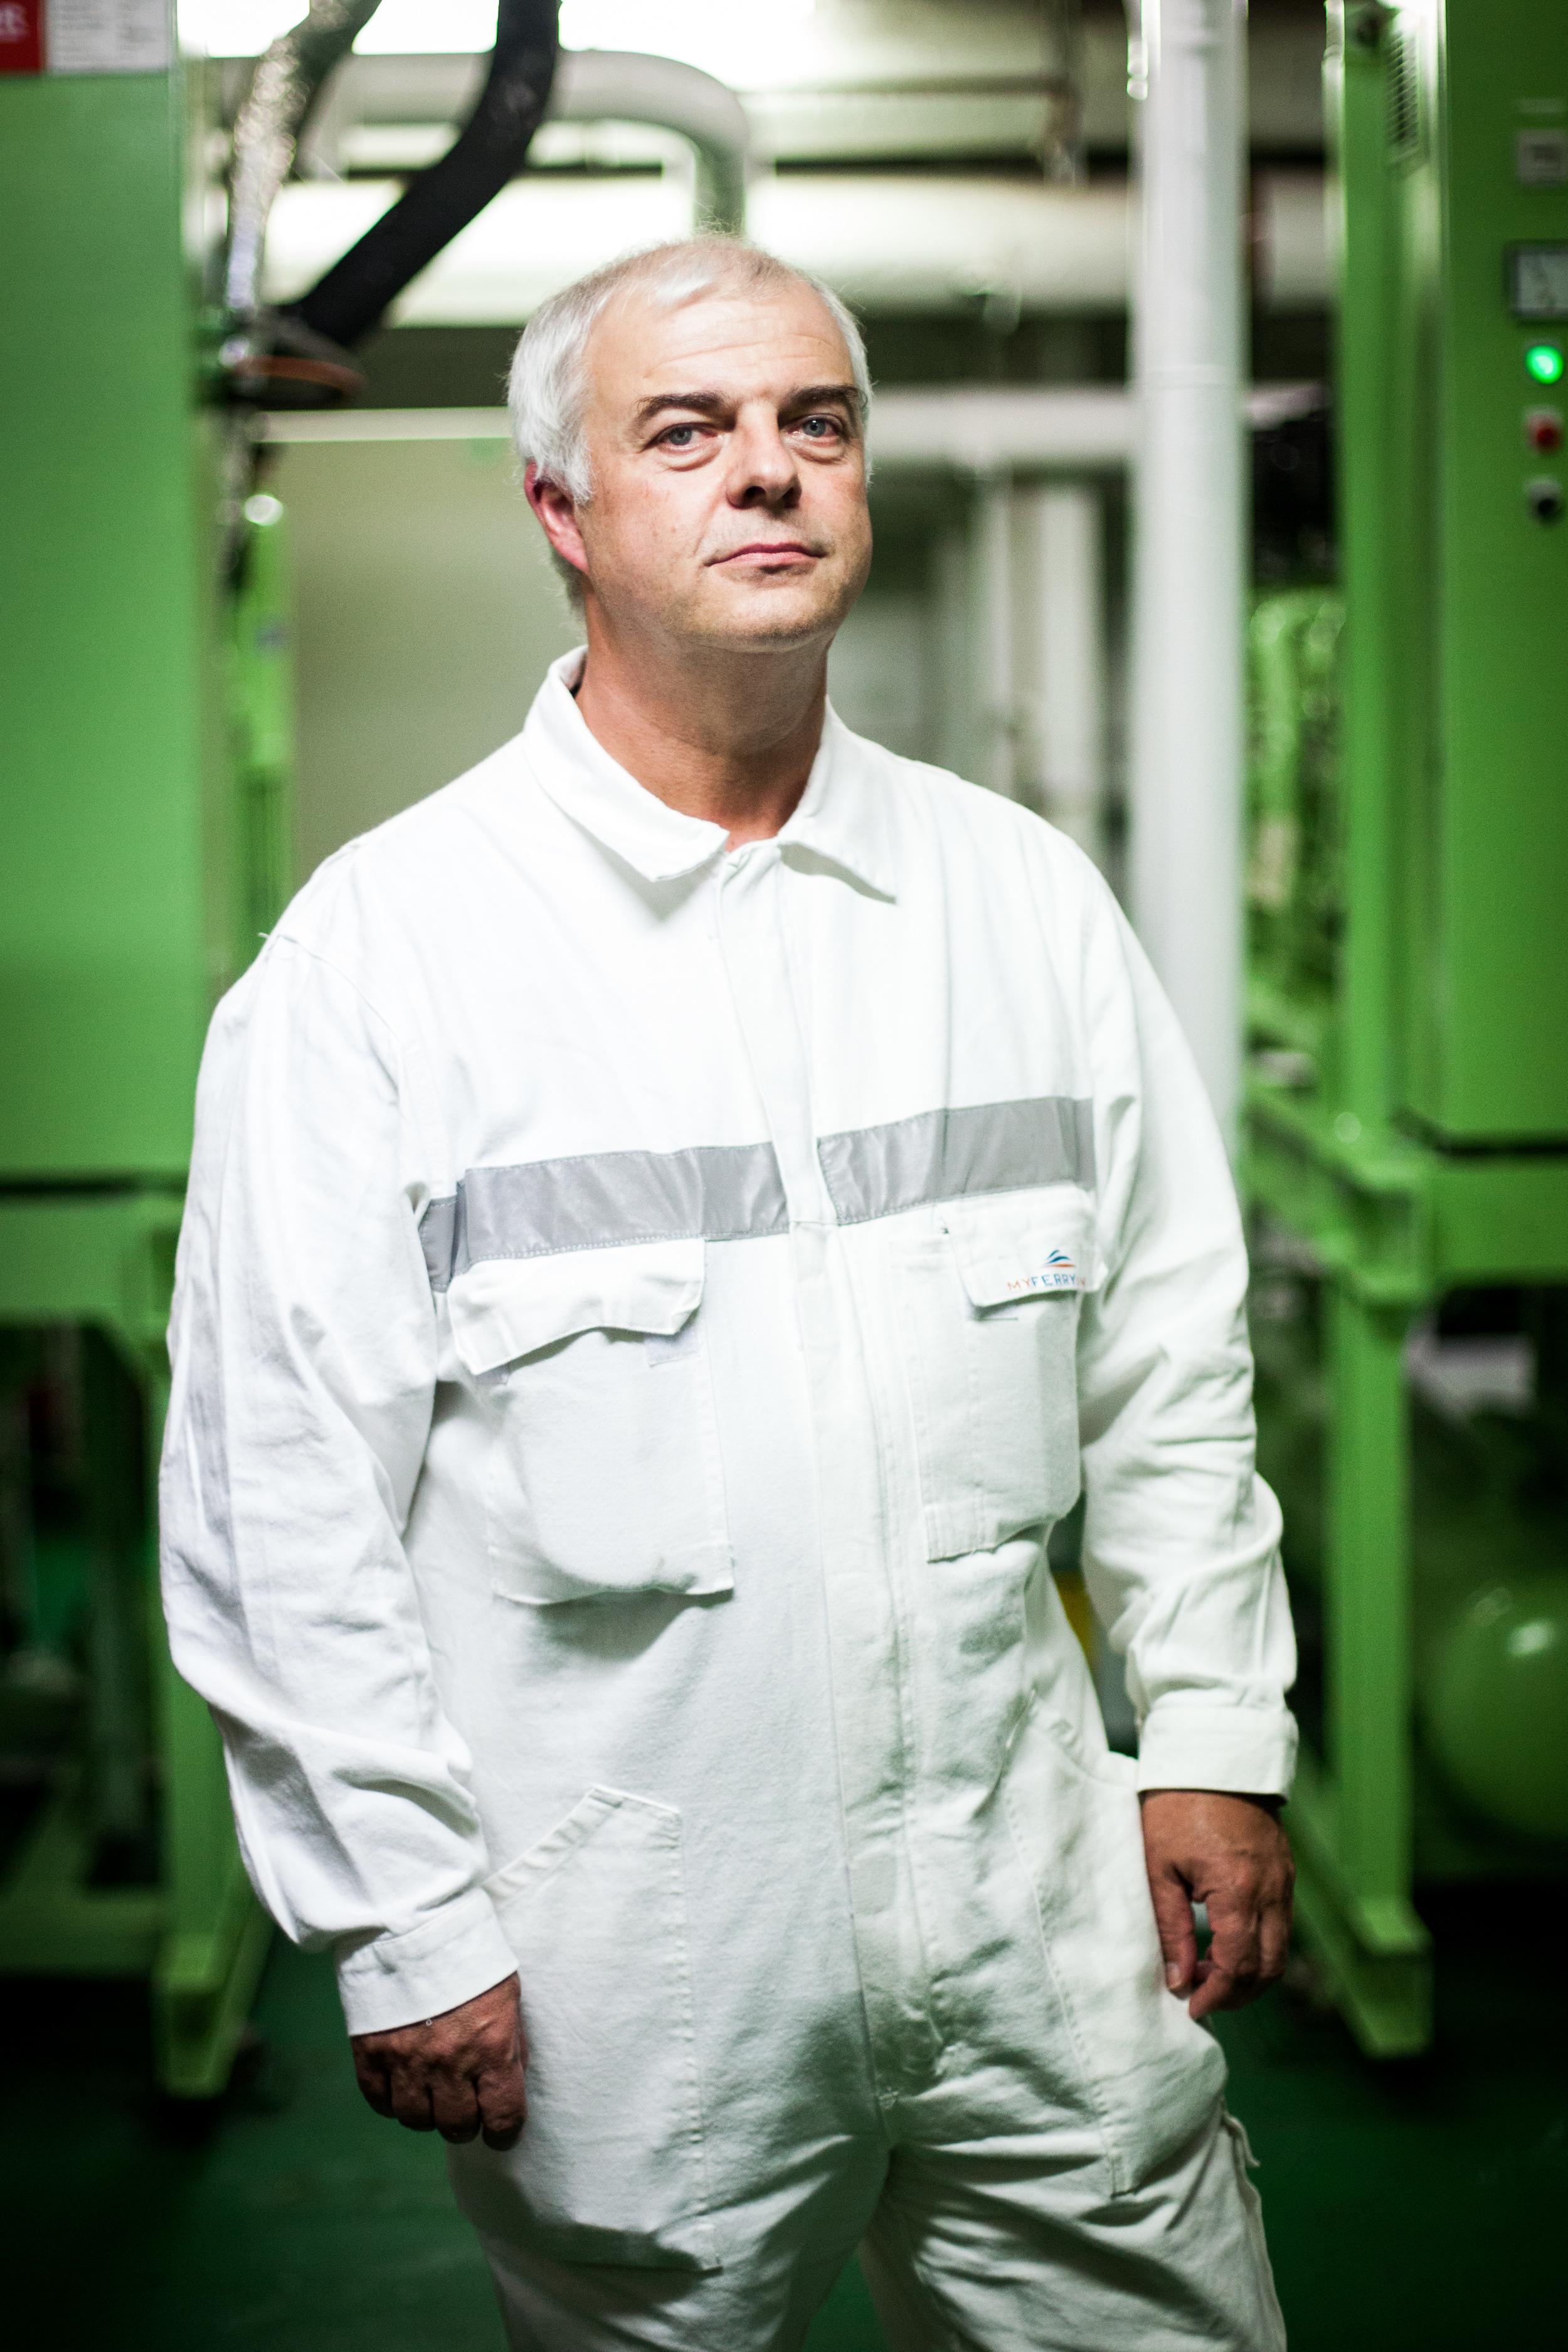 Philippe Parisseaux, chef mécanicien sur les navires de My Ferry Link, SCOP créée après la liquidation judiciaire de Sea France.